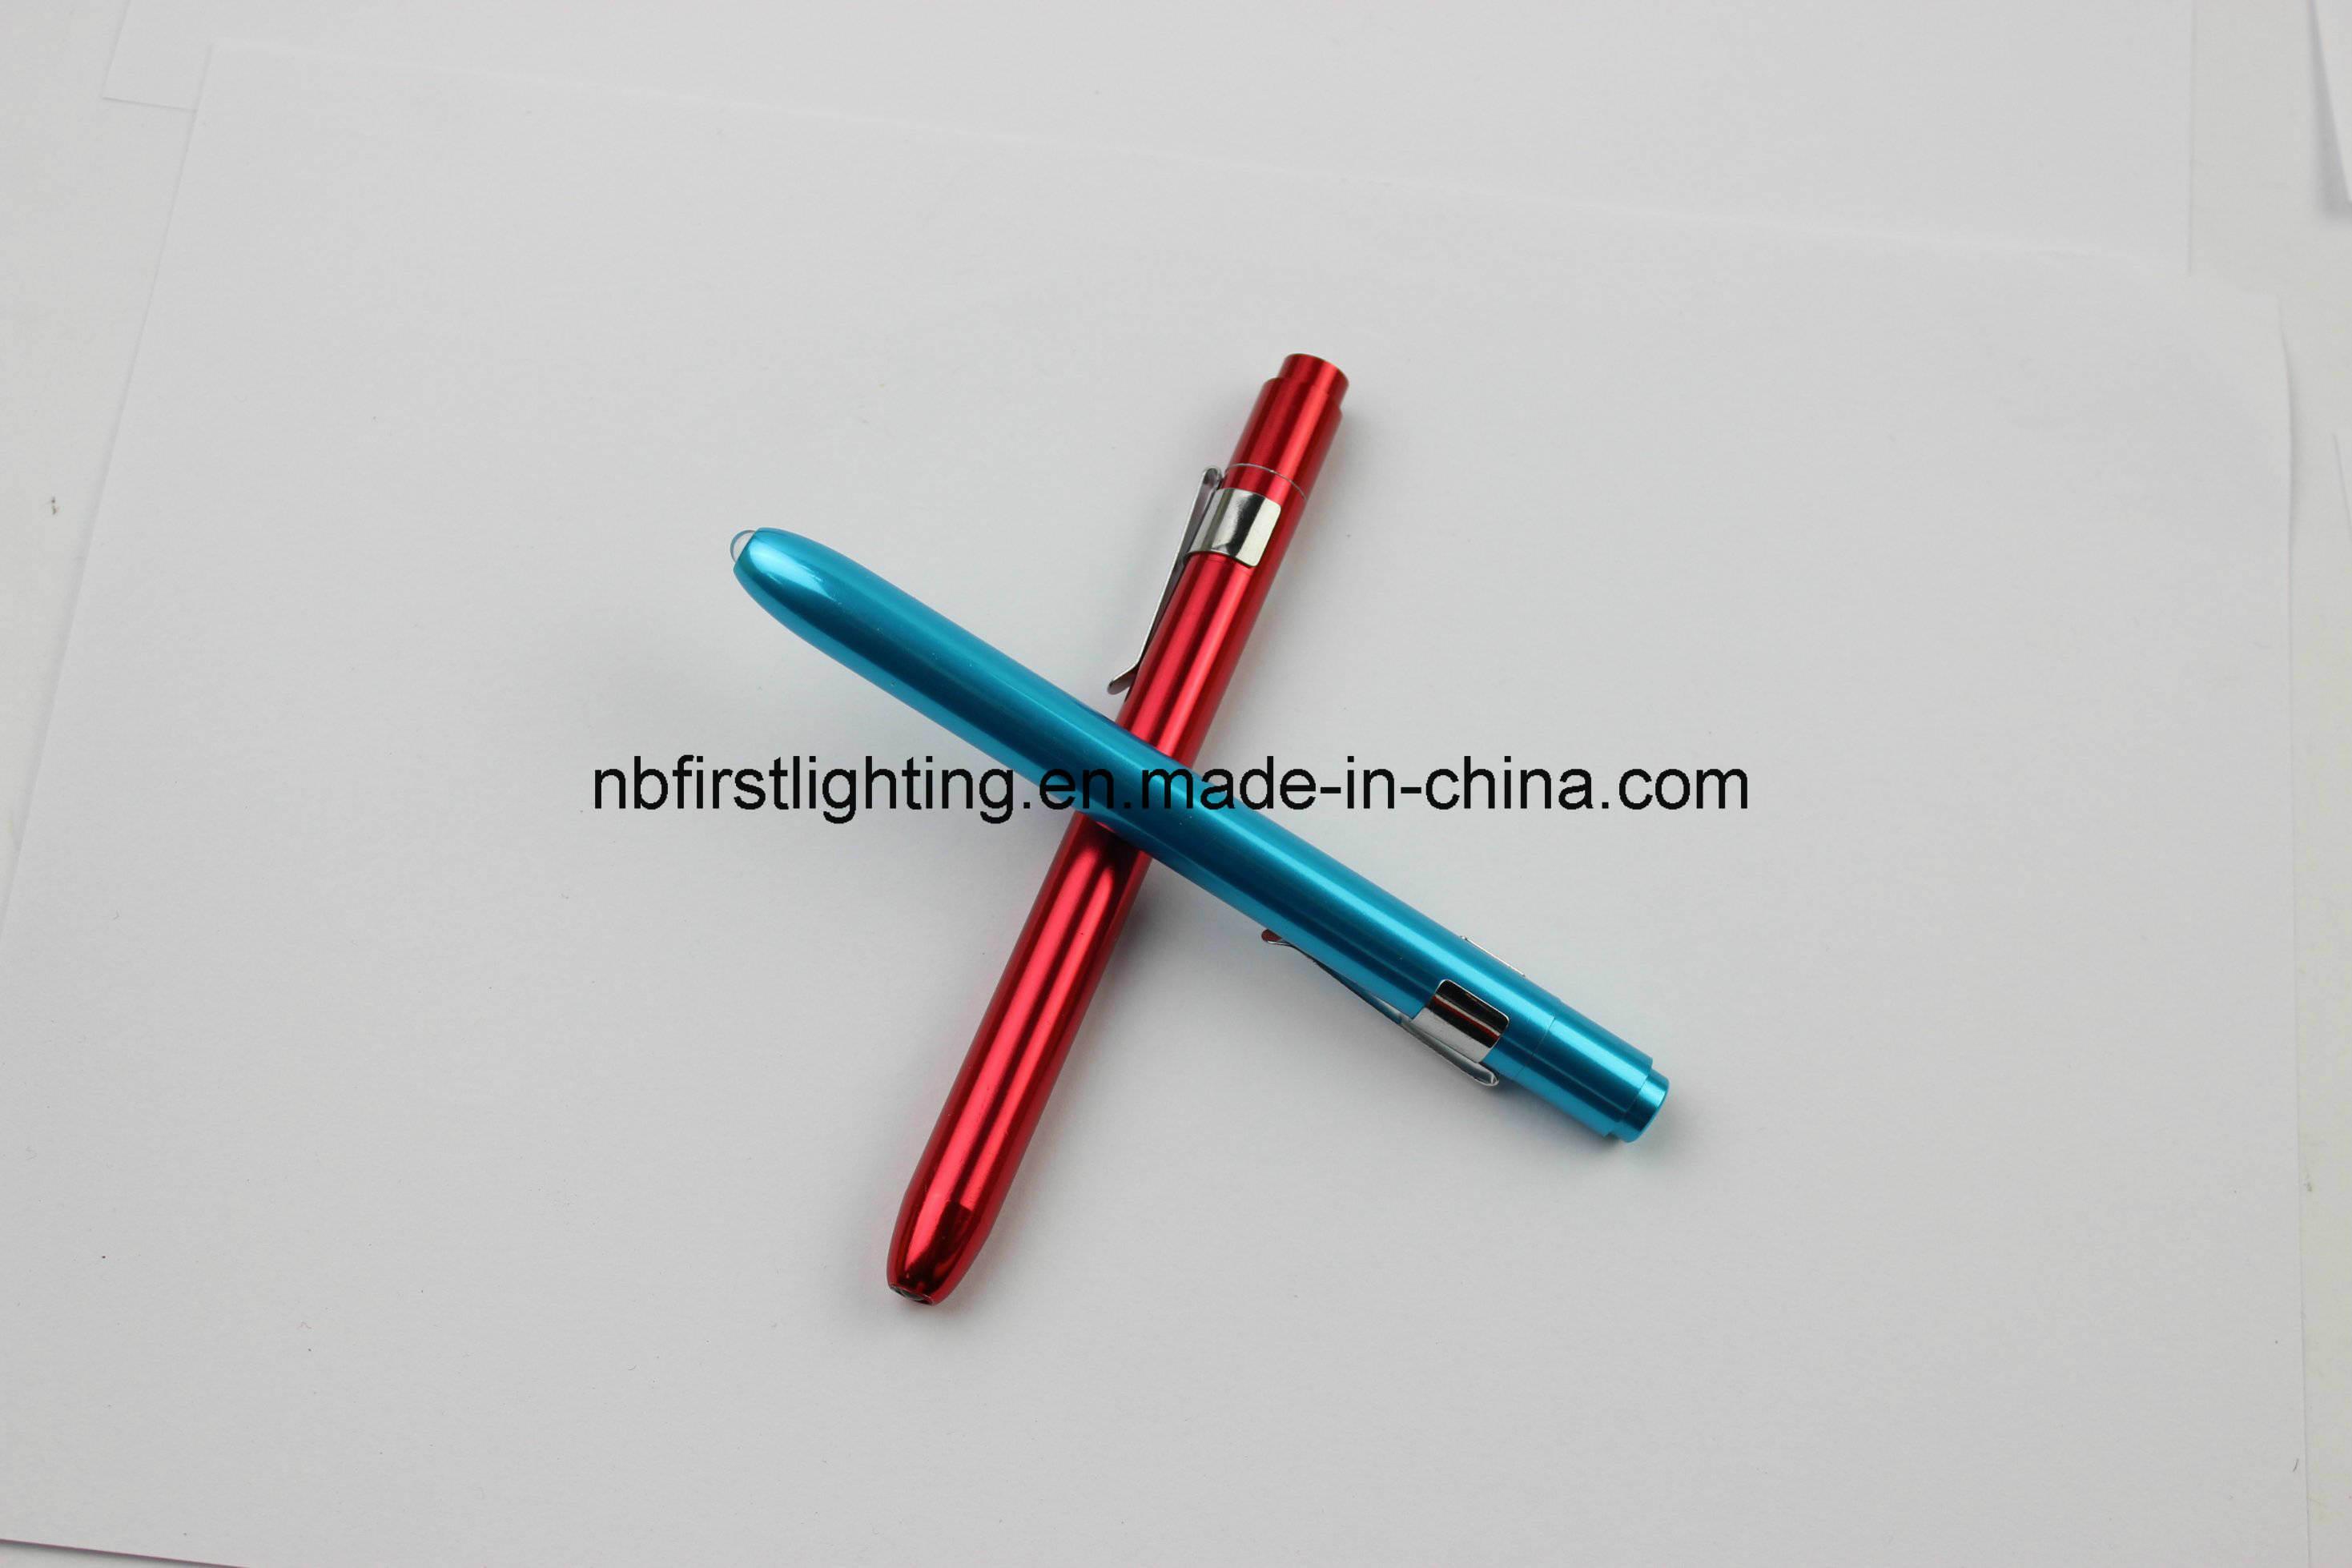 Wholesale LED Pen Light with Pupil Gauge, Medical Pen Torch for Nurses, LED Medical Penlight for Doctors